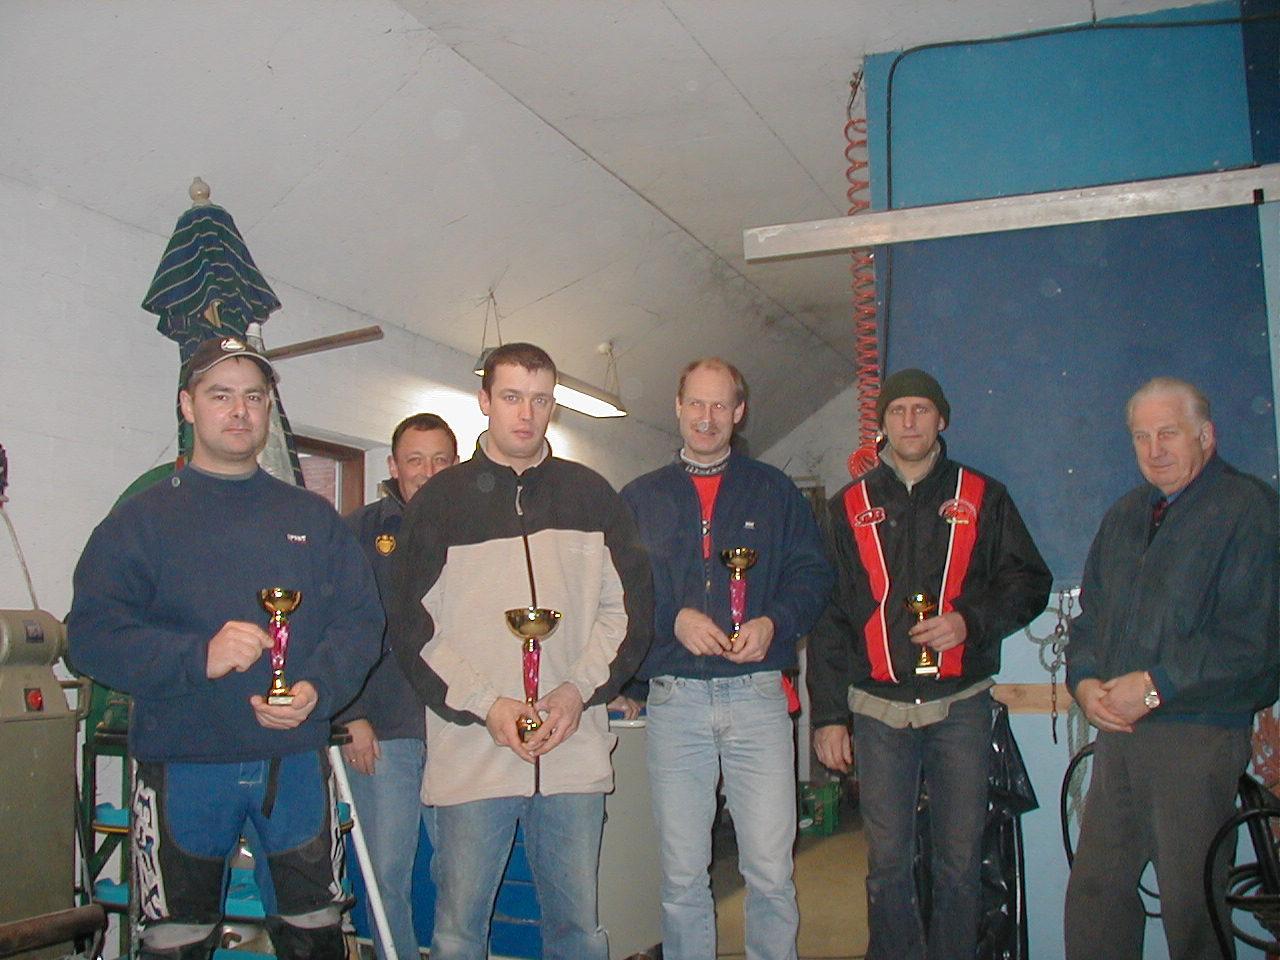 Kun fire gennemførte. Kenneth Mikkelsen vandt samlet foran Steen Boris, Lars Sørensen og John Høj. Lars Sørensen var hurtigste mand.